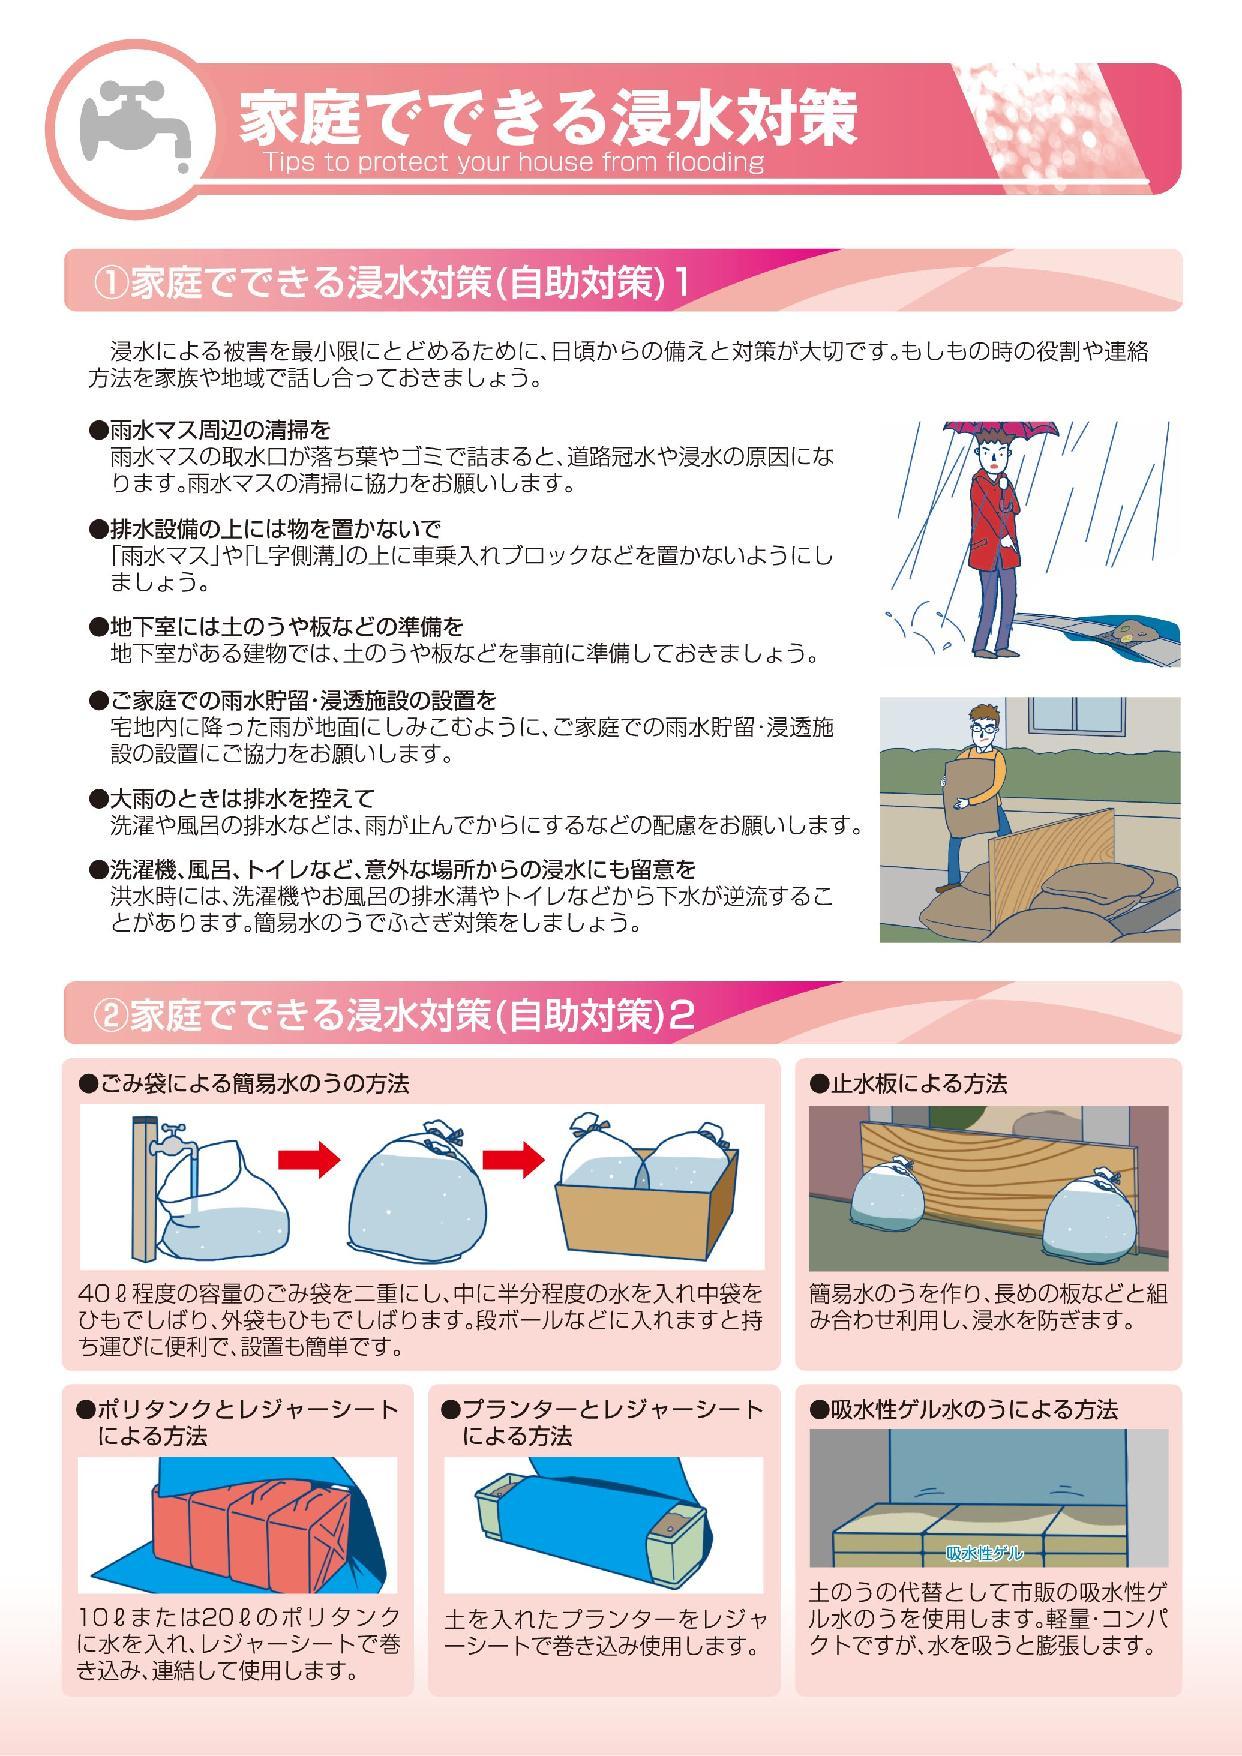 家庭でできる浸水対策